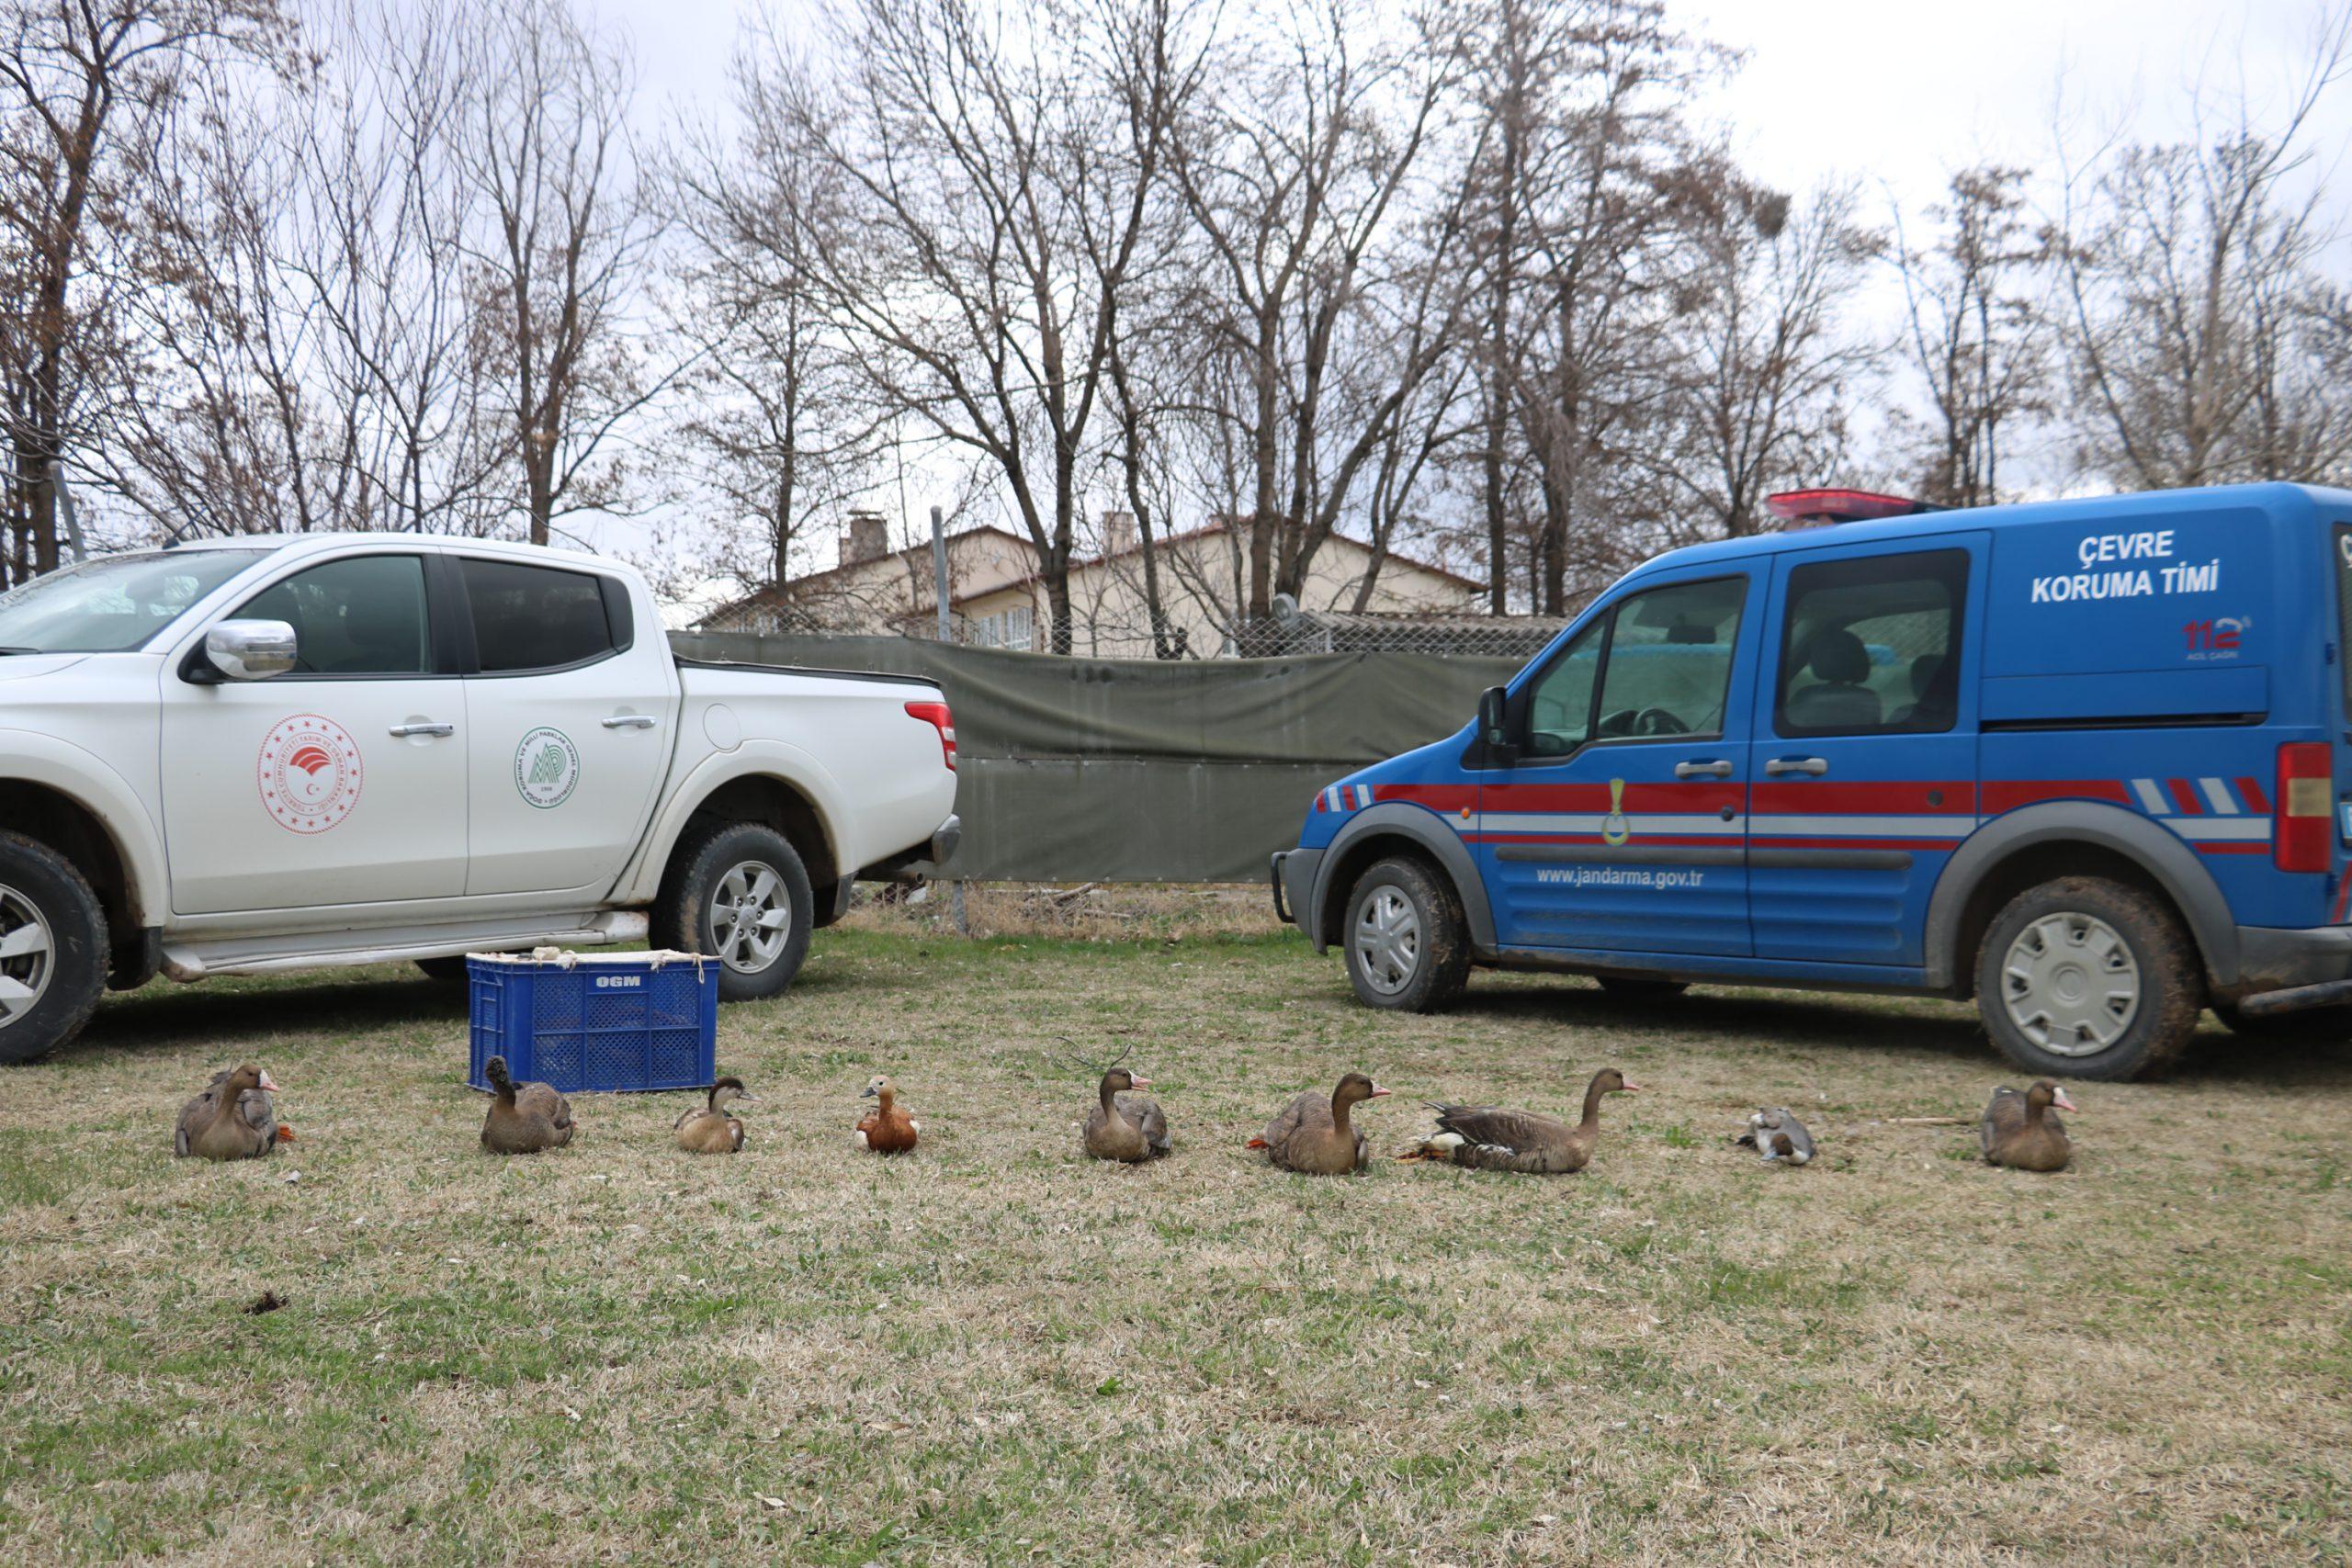 13 değerli kuş Jandarma operasyonuyla koruma altına alındı